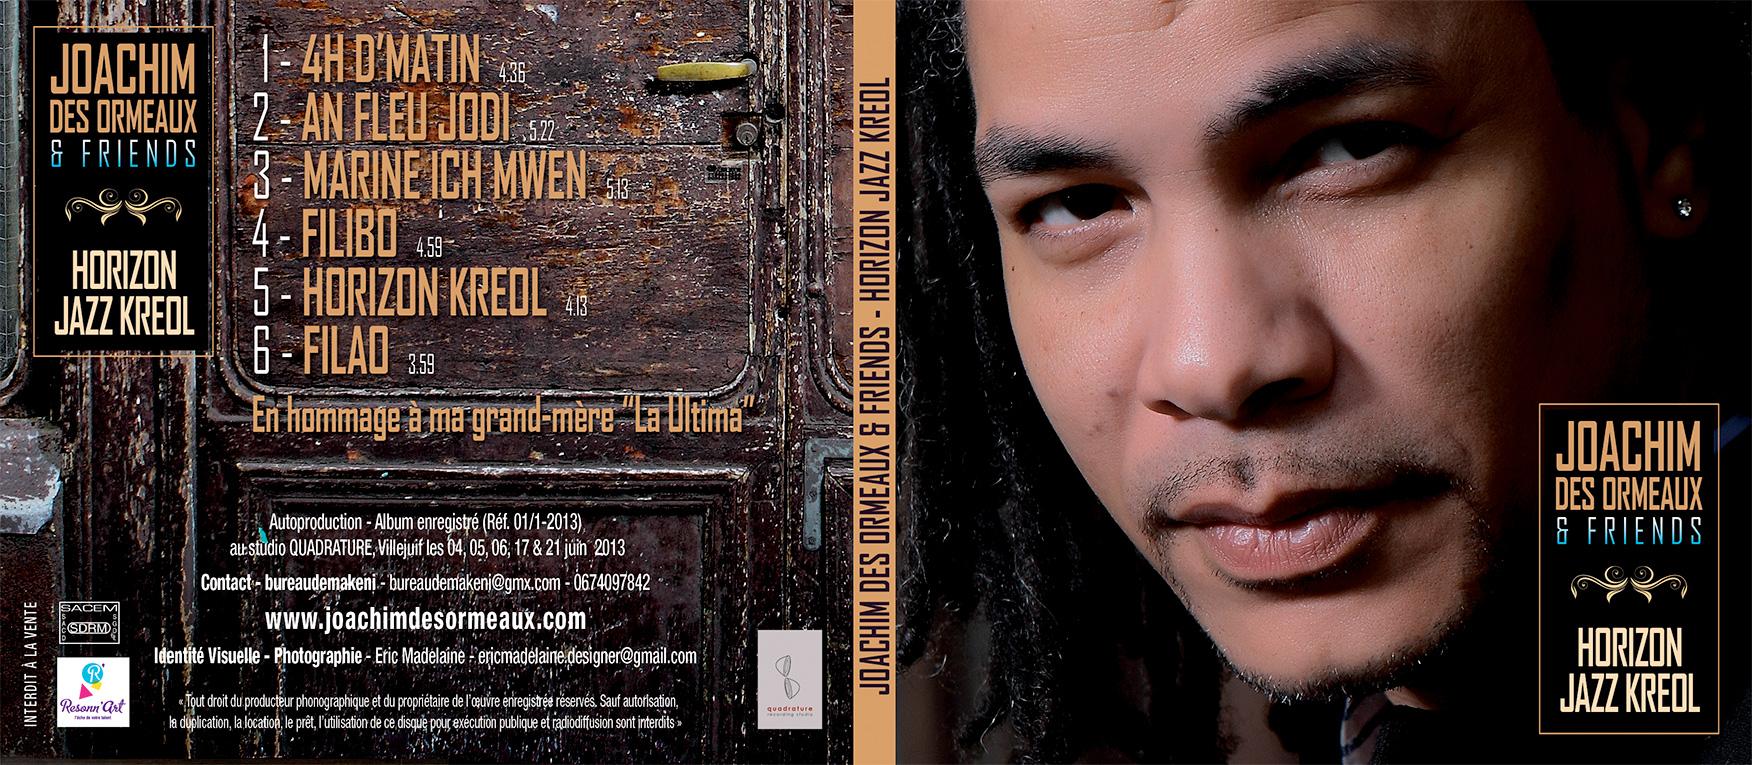 Réalisation de la couverture de Horizon Jazz Kreol, EP de Joachim des Ormeaux - Eric Madelaine